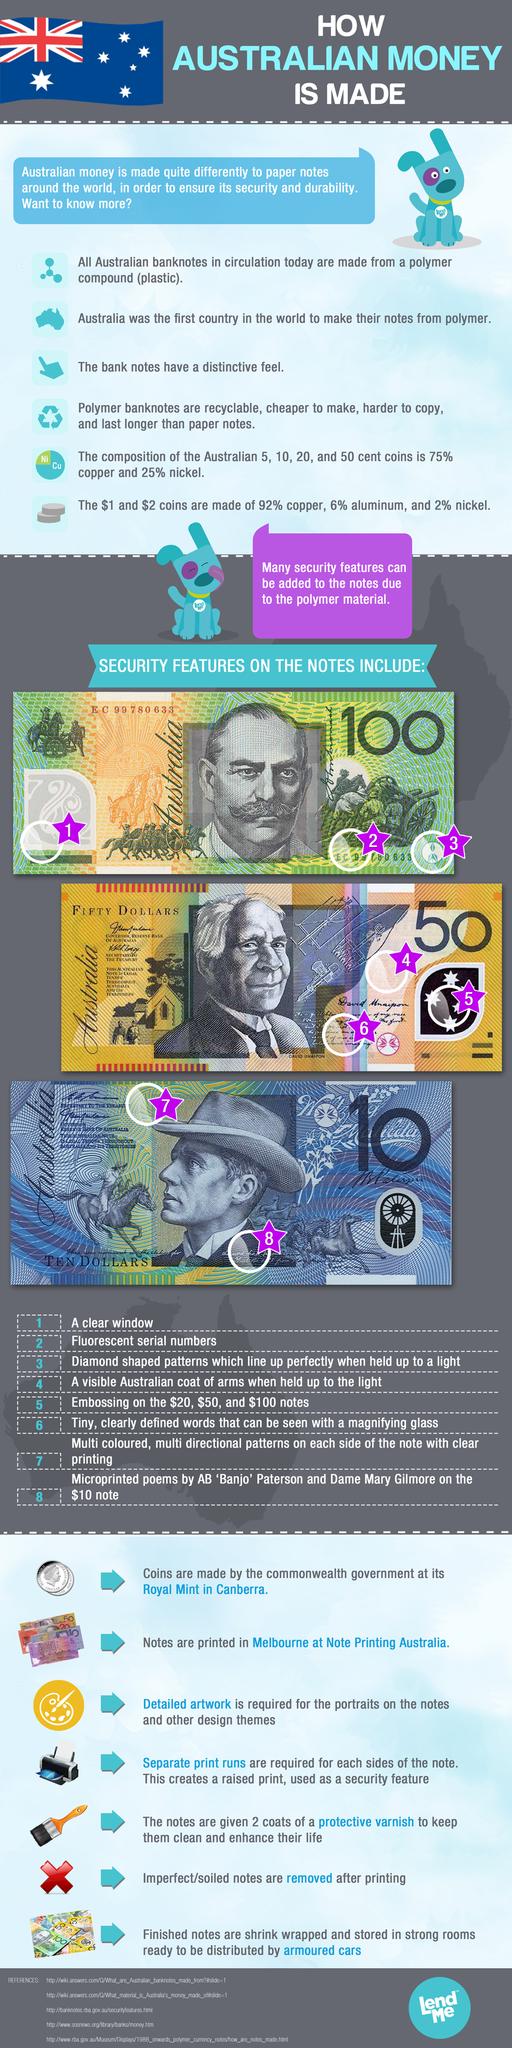 How Australian Money is Made  #Infographic #Australia #Money